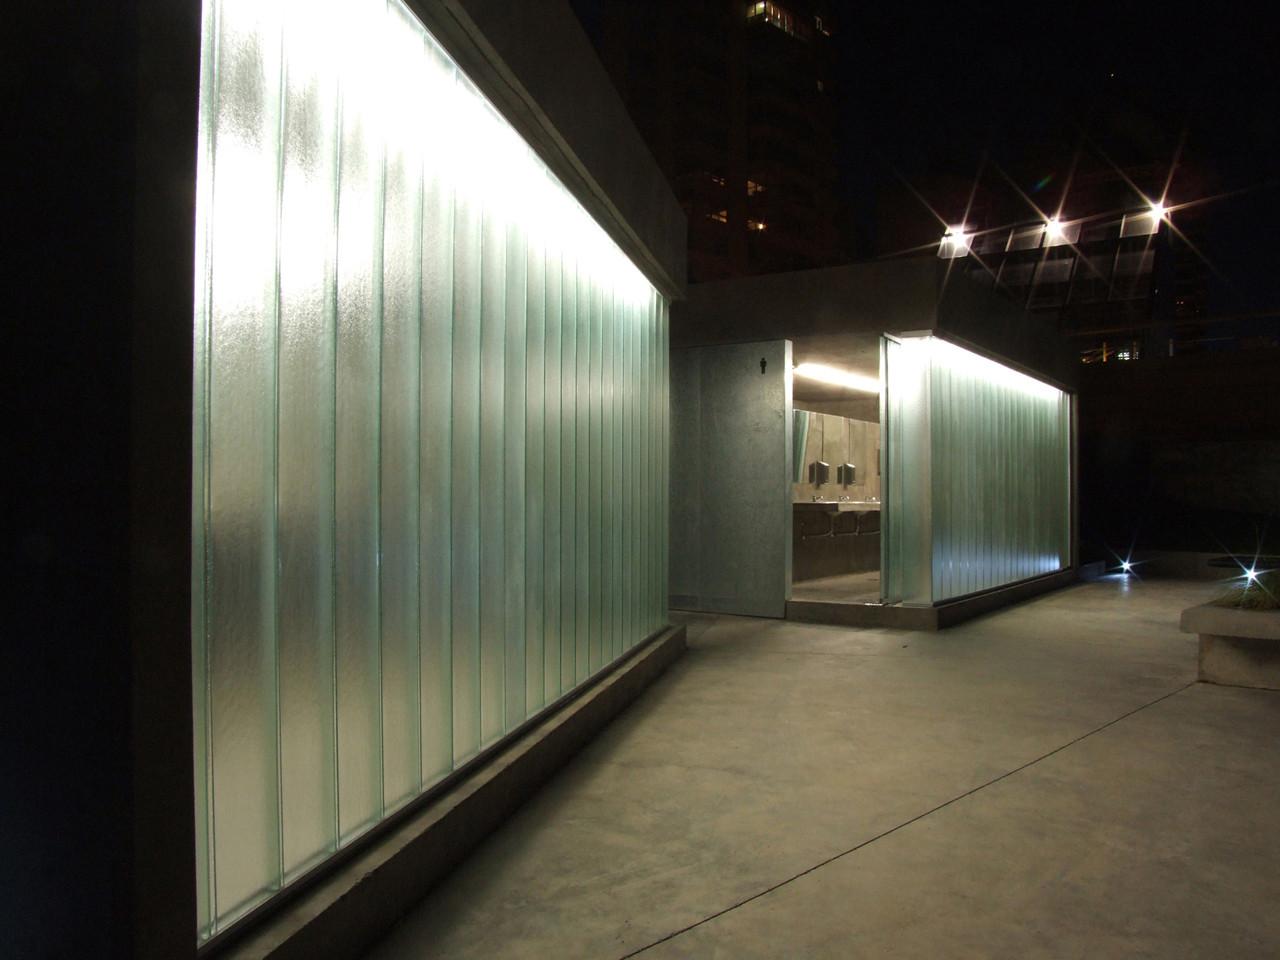 galería de baños públicos parque urquiza / diego jobell - 17